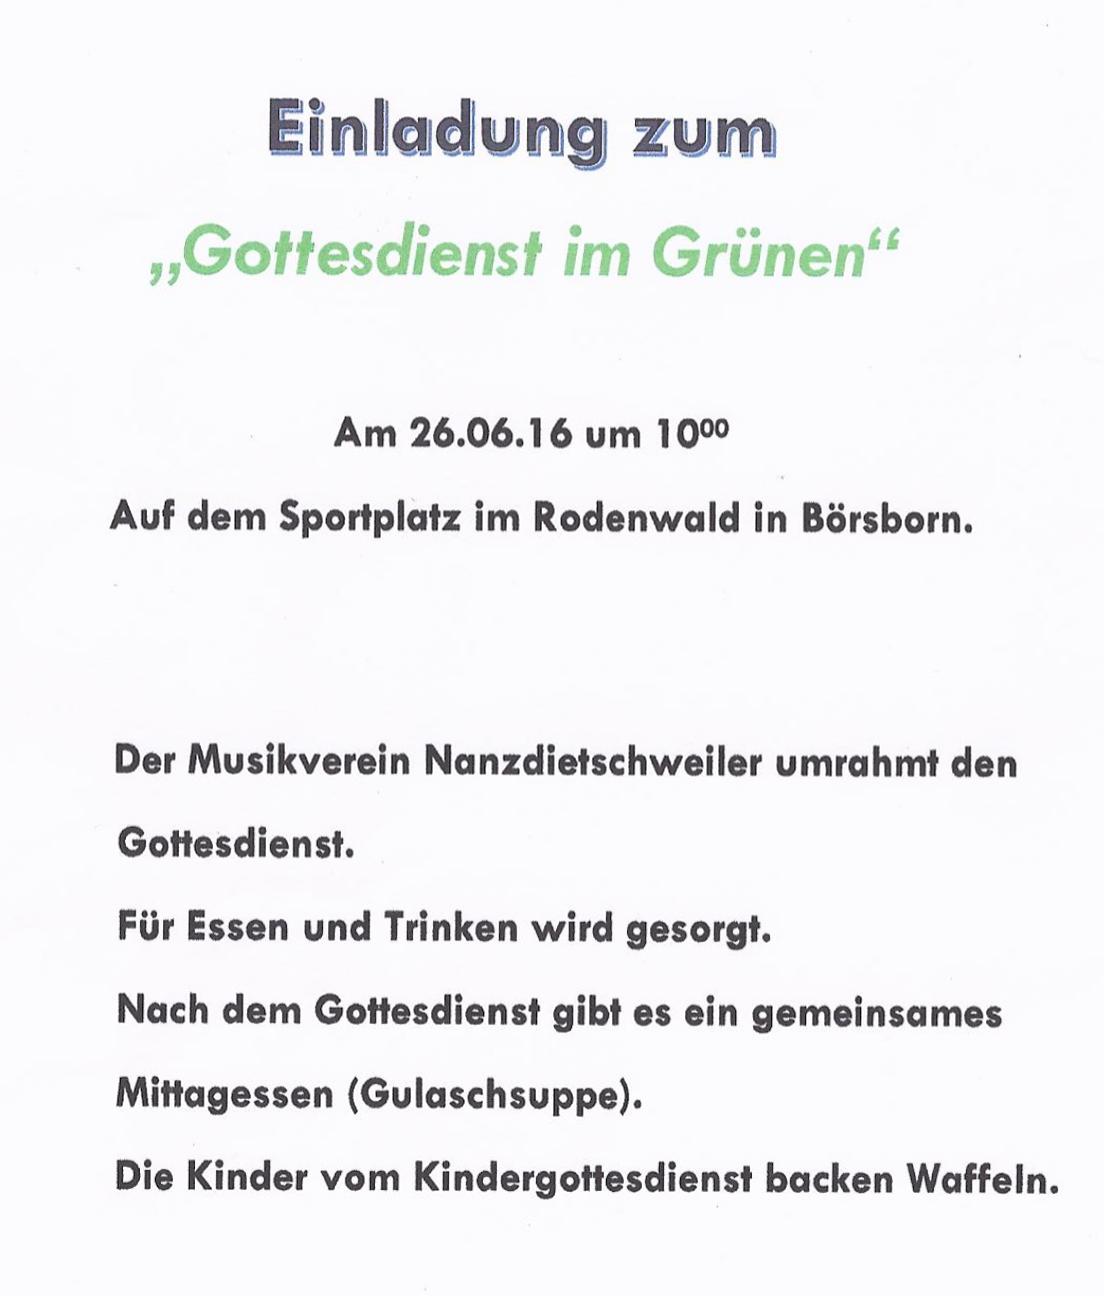 """prot.kirchengemeinde - einladung zum """"gottesdienst im grünen"""", Einladung"""